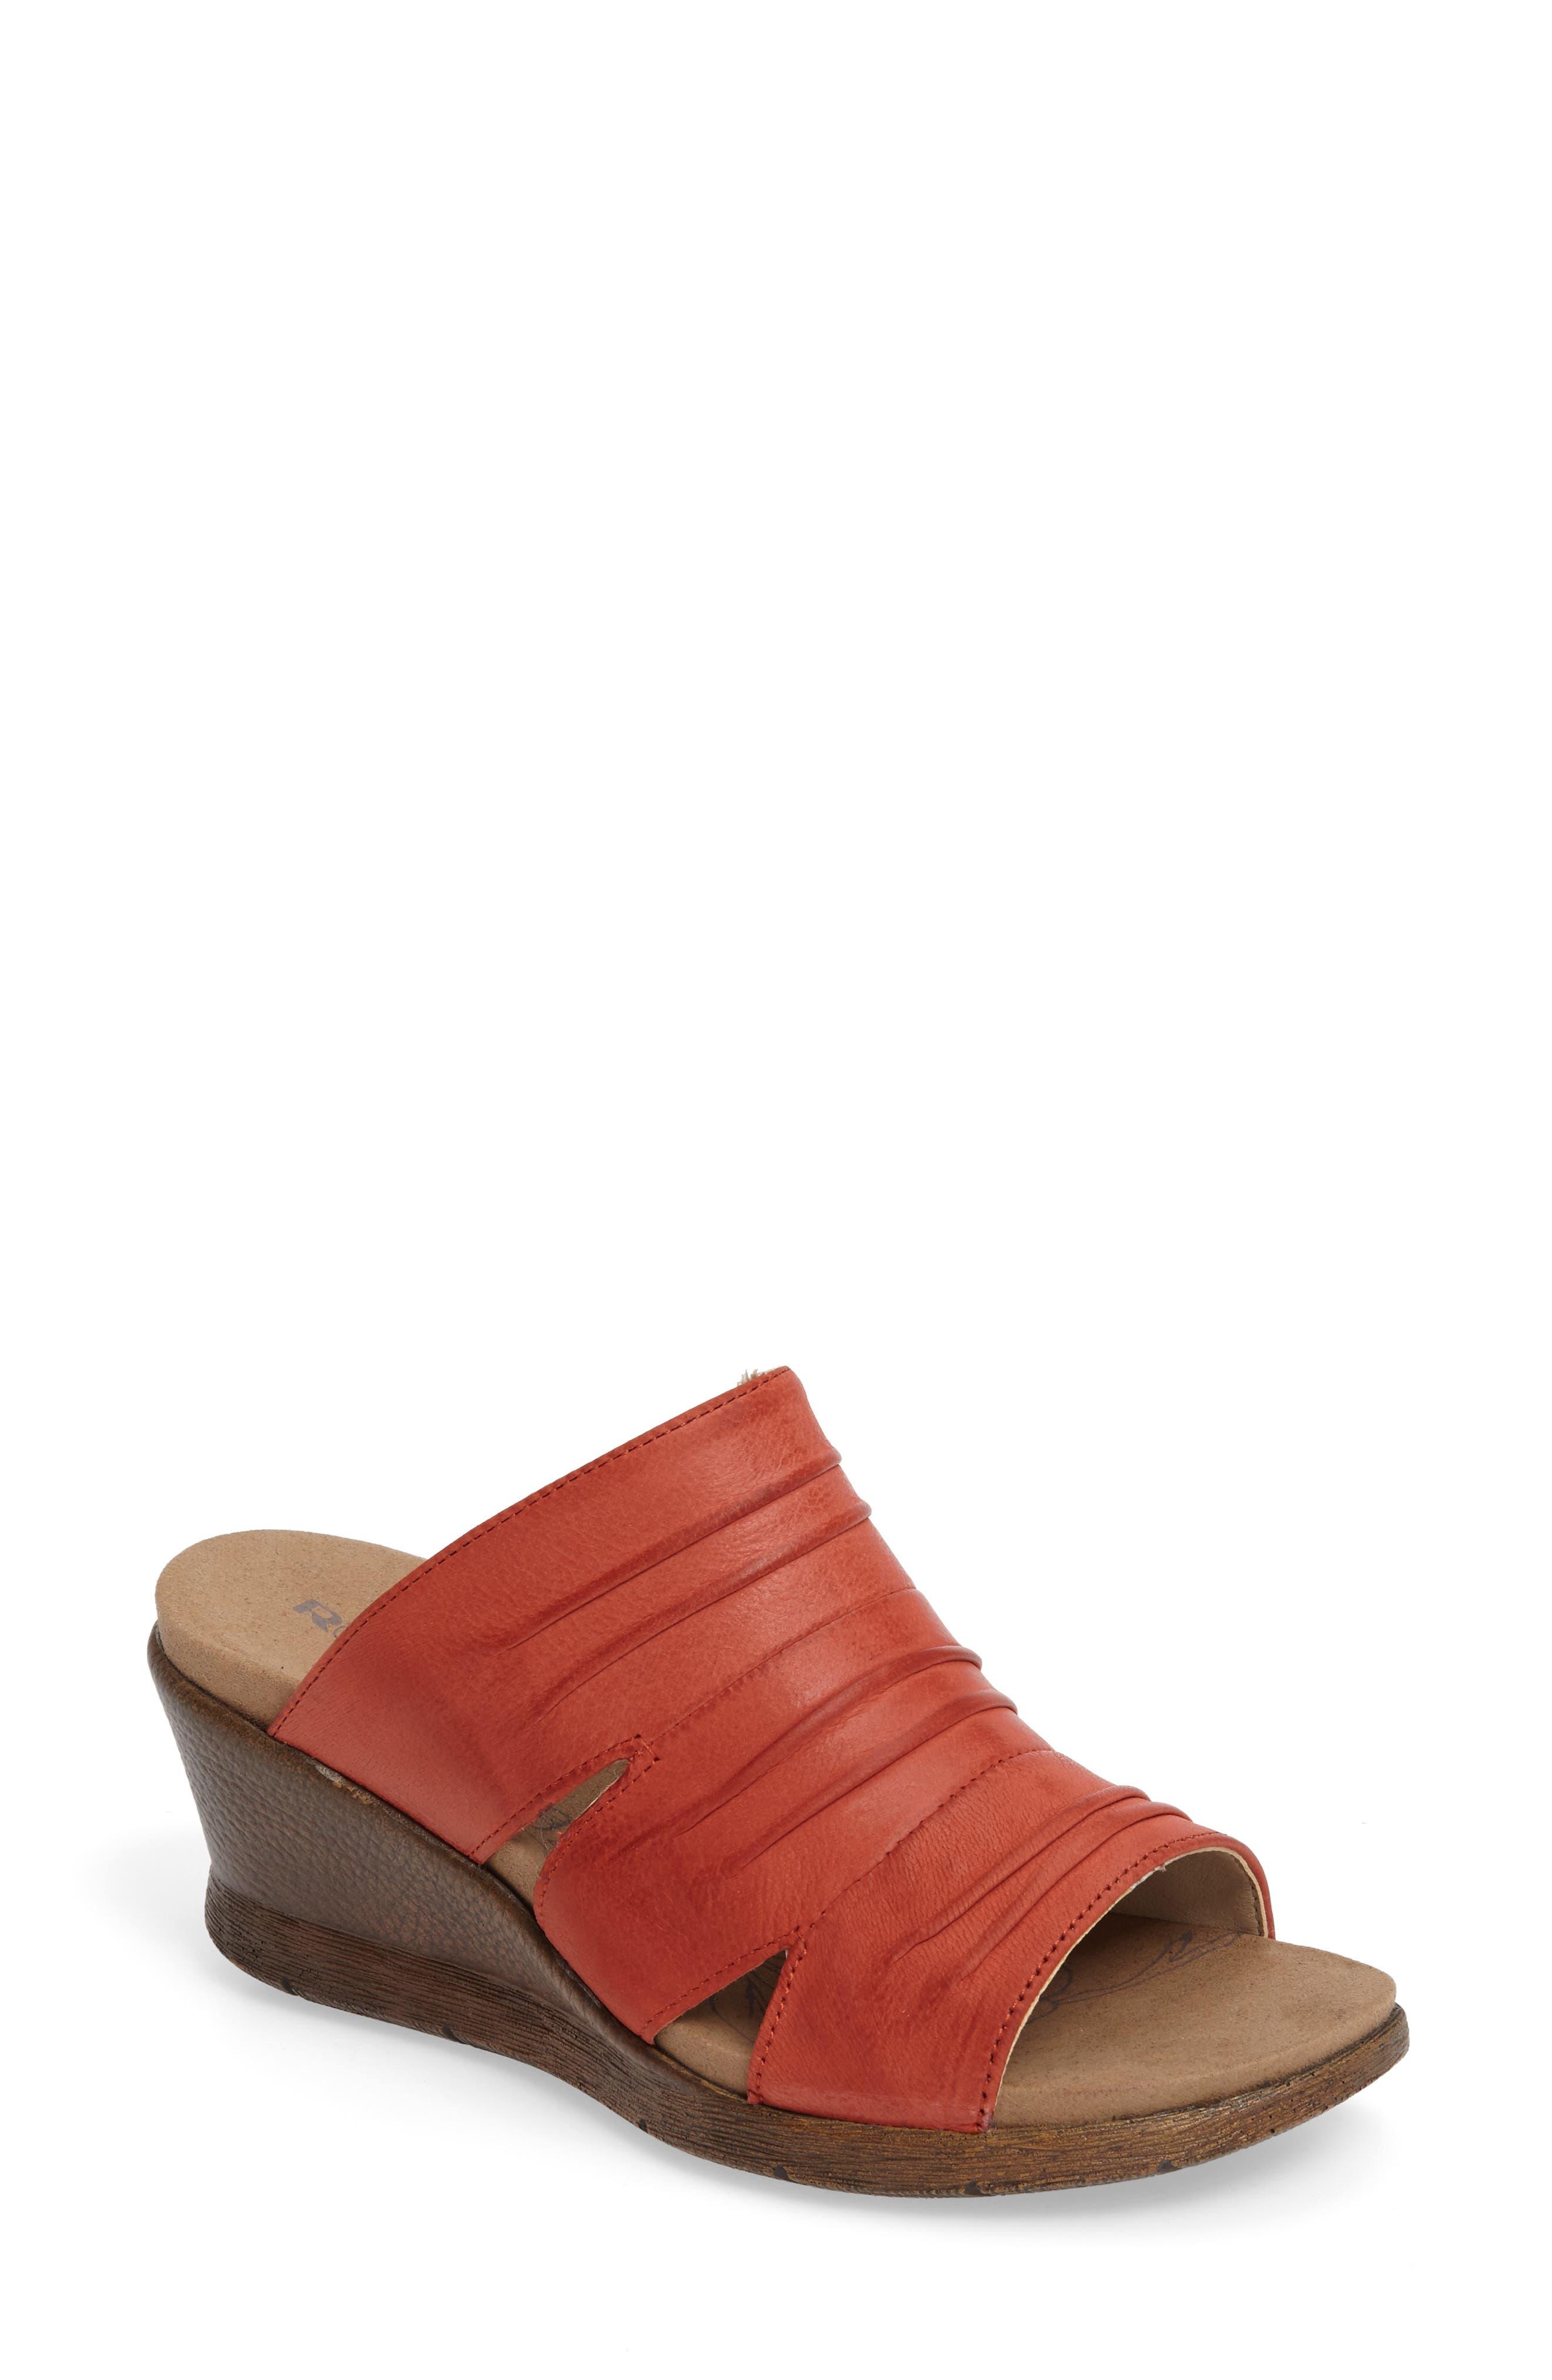 Romika Nevis Wedge Sandal (Women)